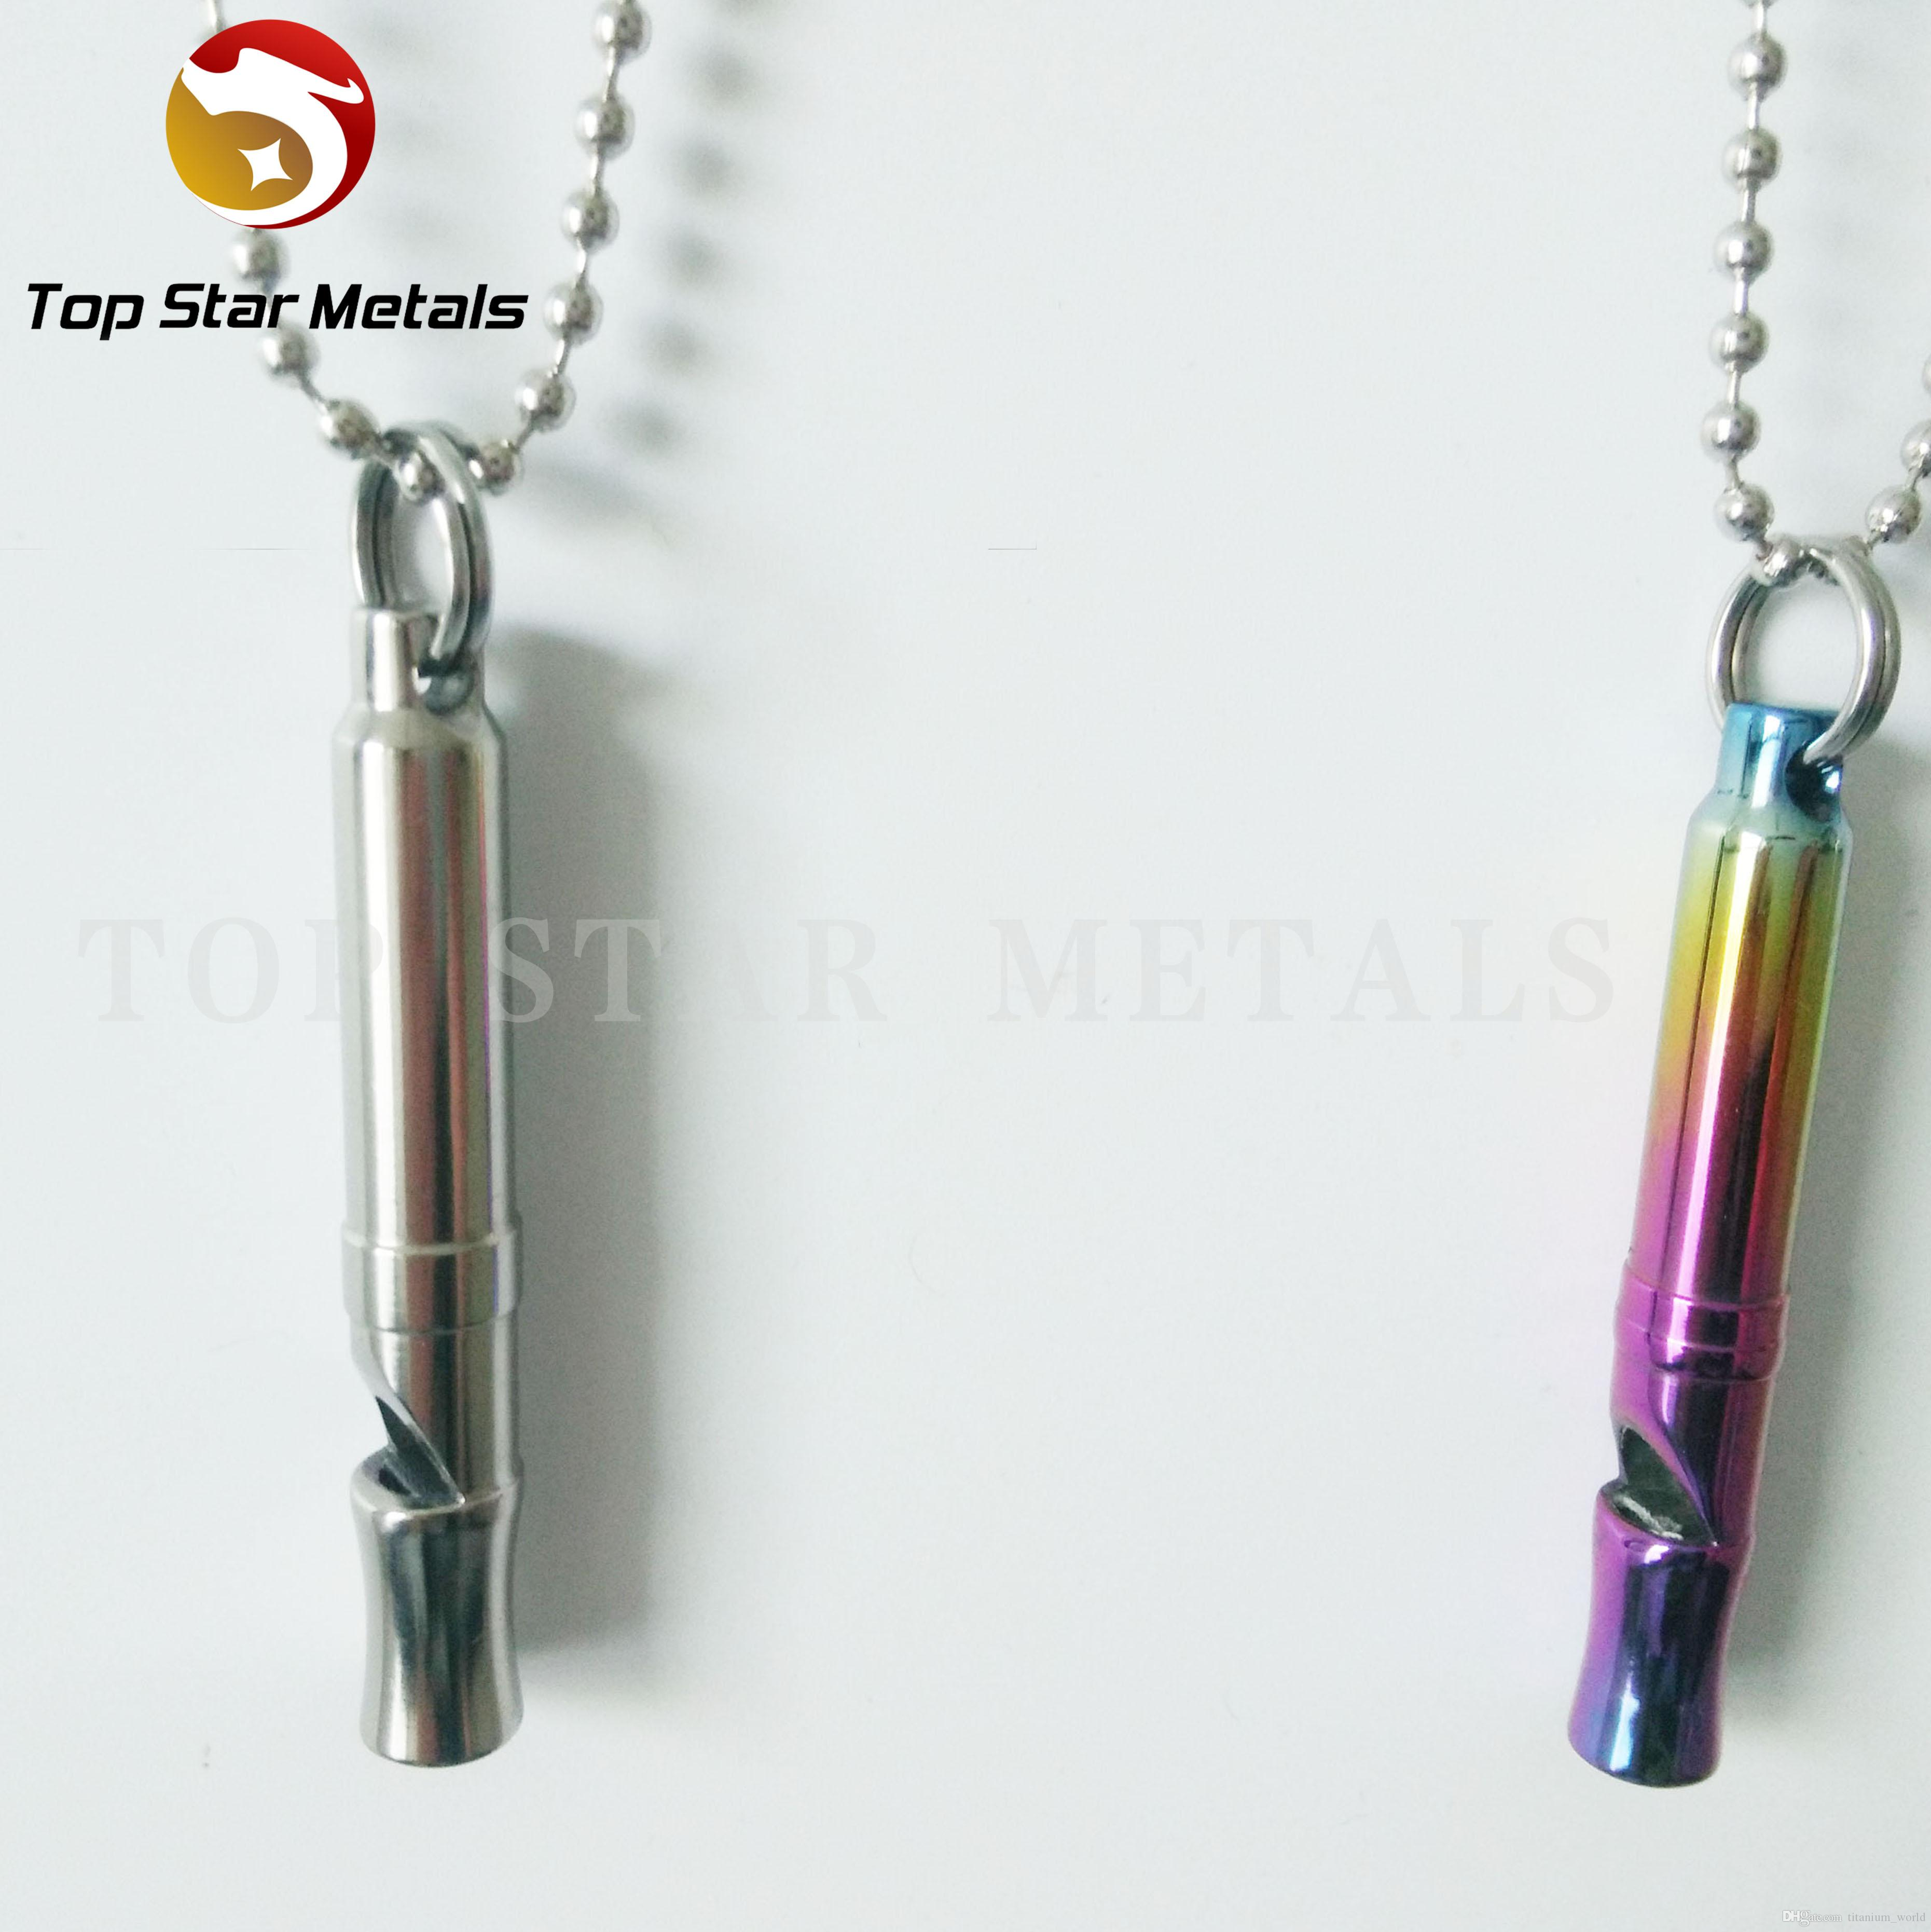 Лучший Titanium 120db Survival Whistle Брелок Ожерелье Подвеска Кемпинг Туризм Охота Аварийный EDC Travel Tool